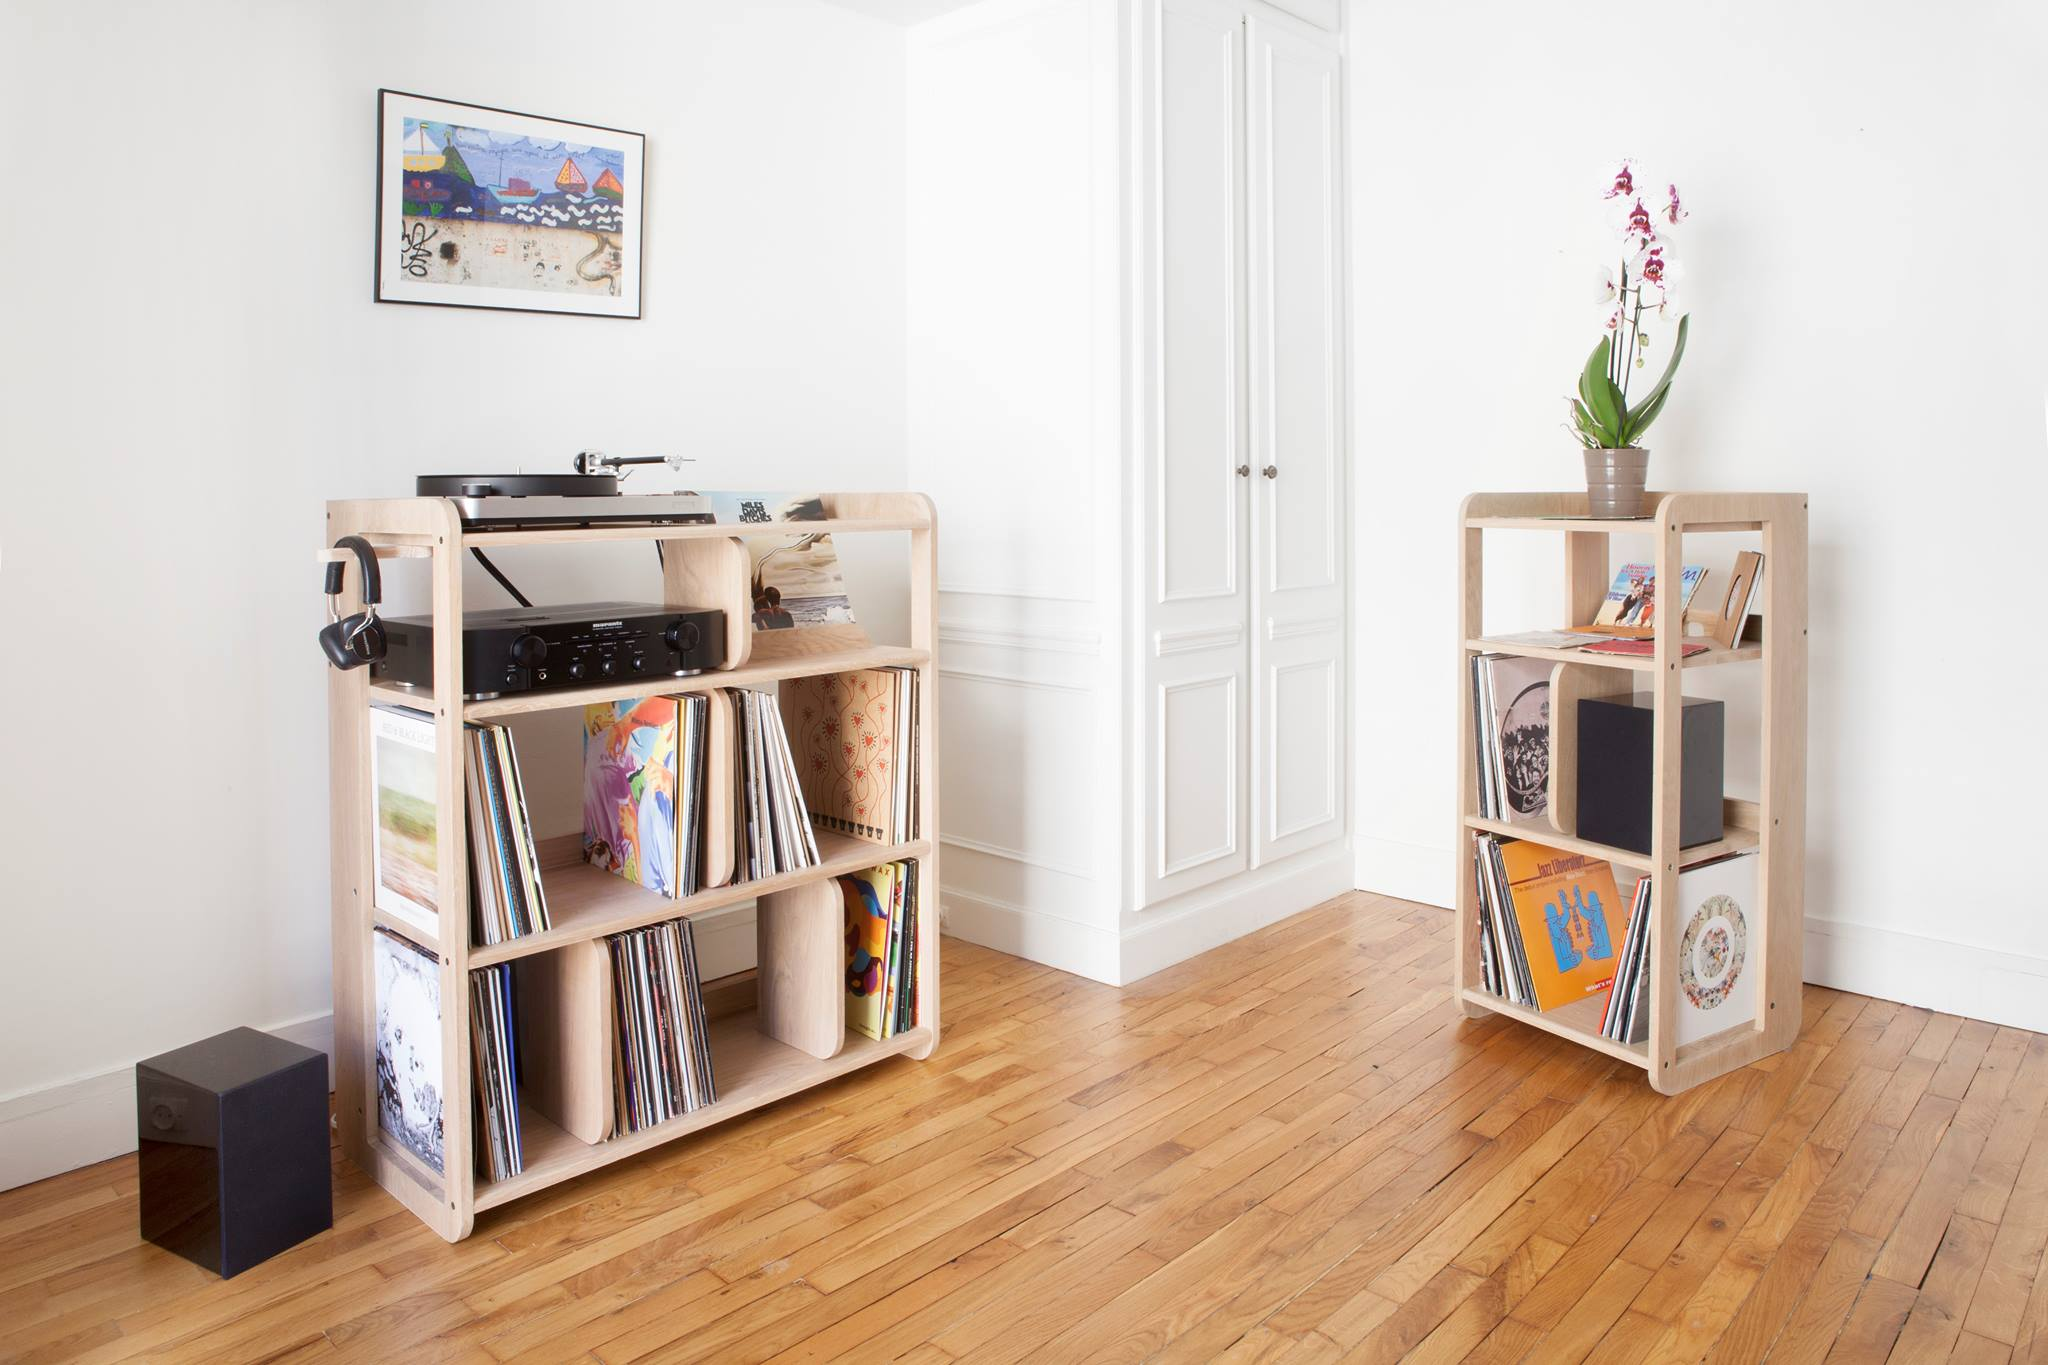 Comment ranger ses disques vinyles wax buyers club - Collection de vinyle ...